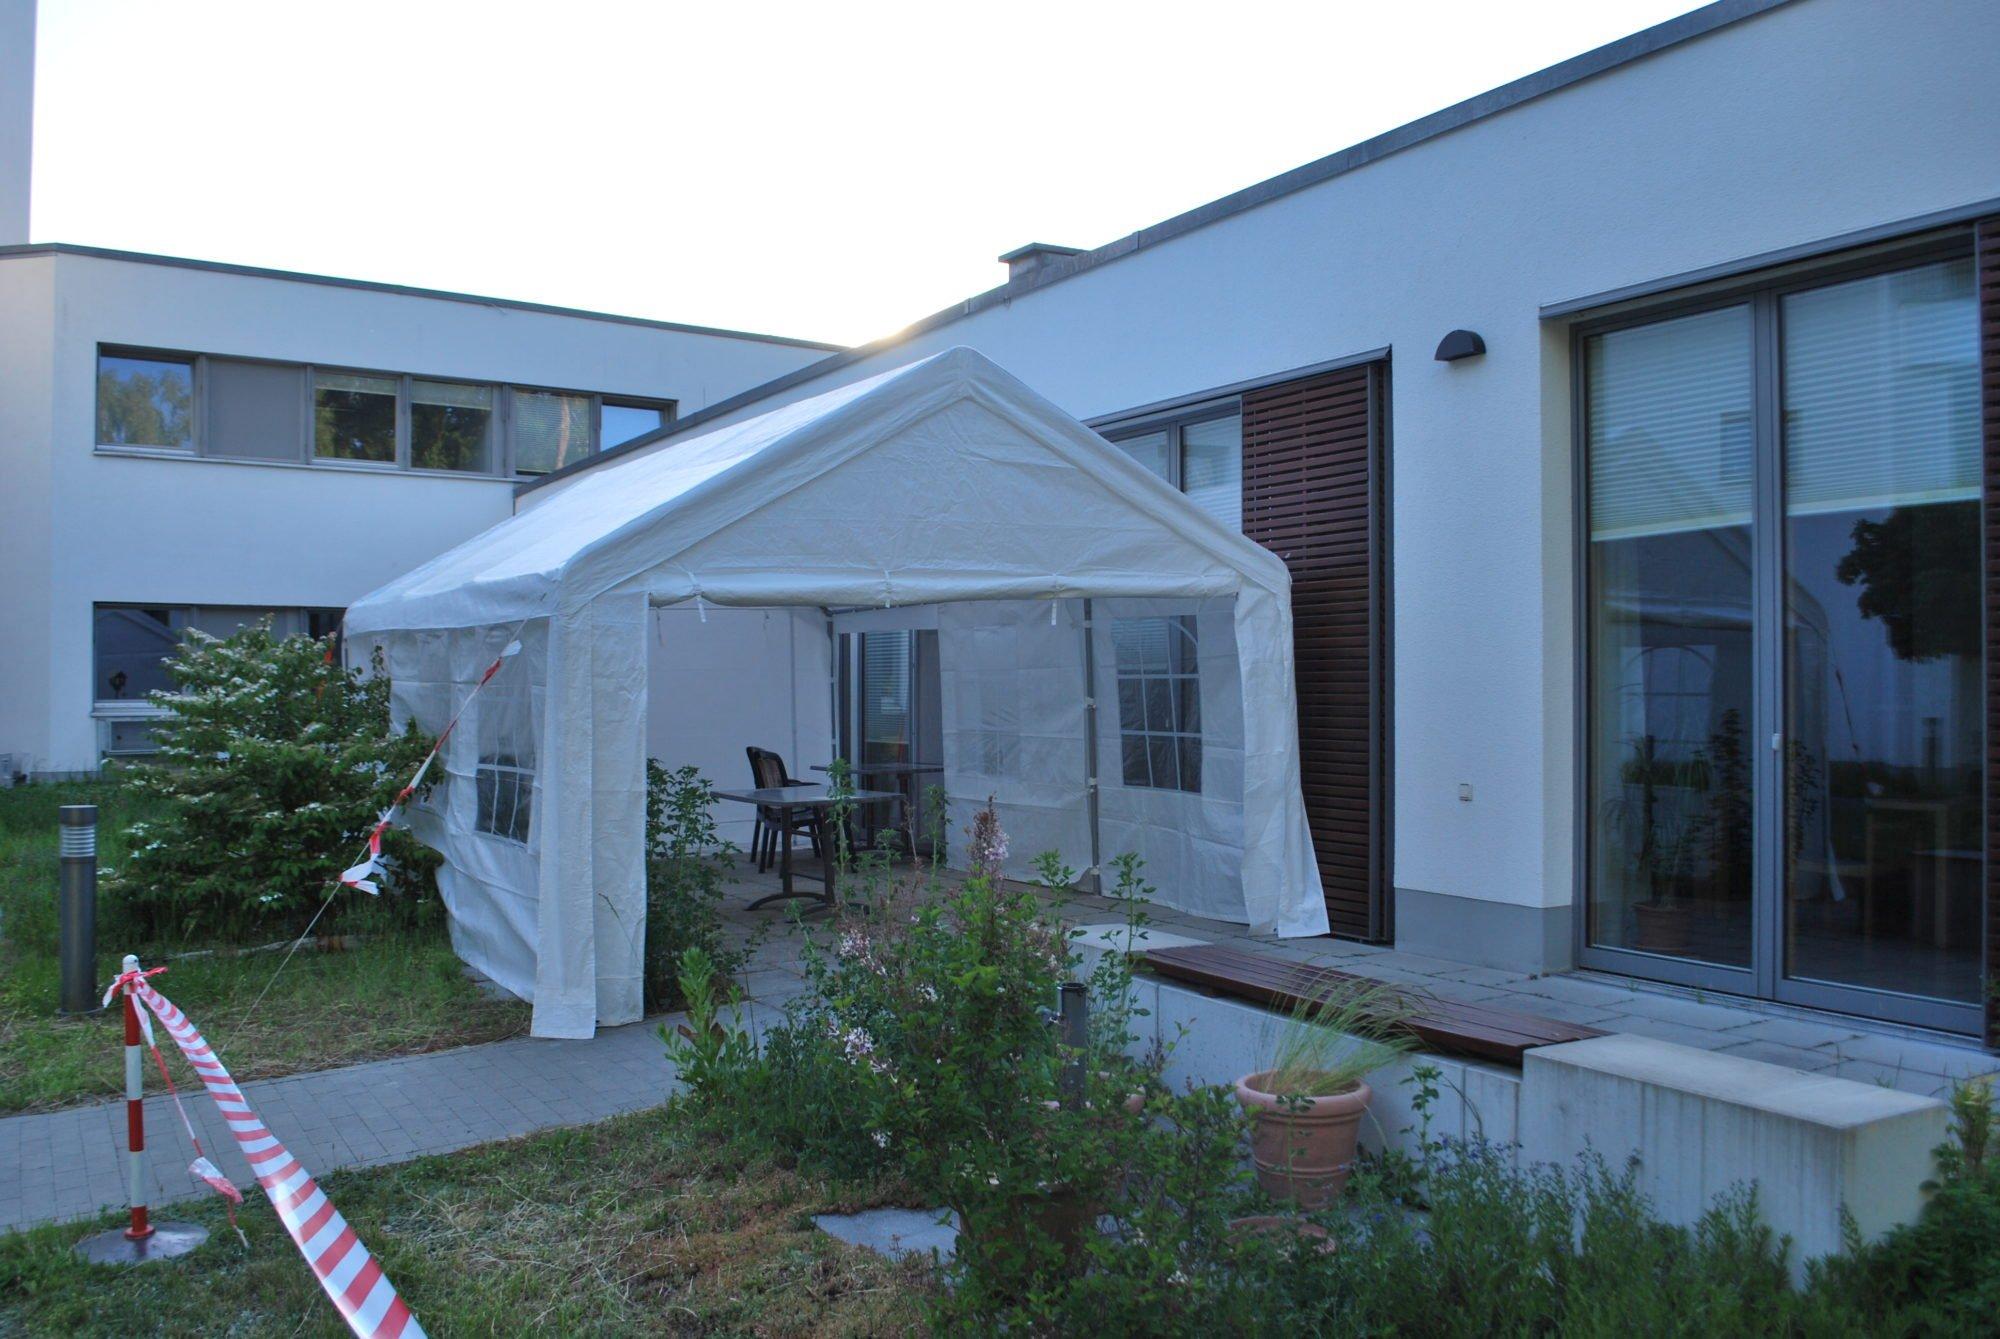 Das Bild zeigt einen Teil des P.A.N. Zentrums von außen. Davor ist ein Pavillon aufgebaut, der als Besuchermöglichkeit dient. Ein weißes Zelt, der Weg dorthin ist mit einem Flatterband abgegrenzt.